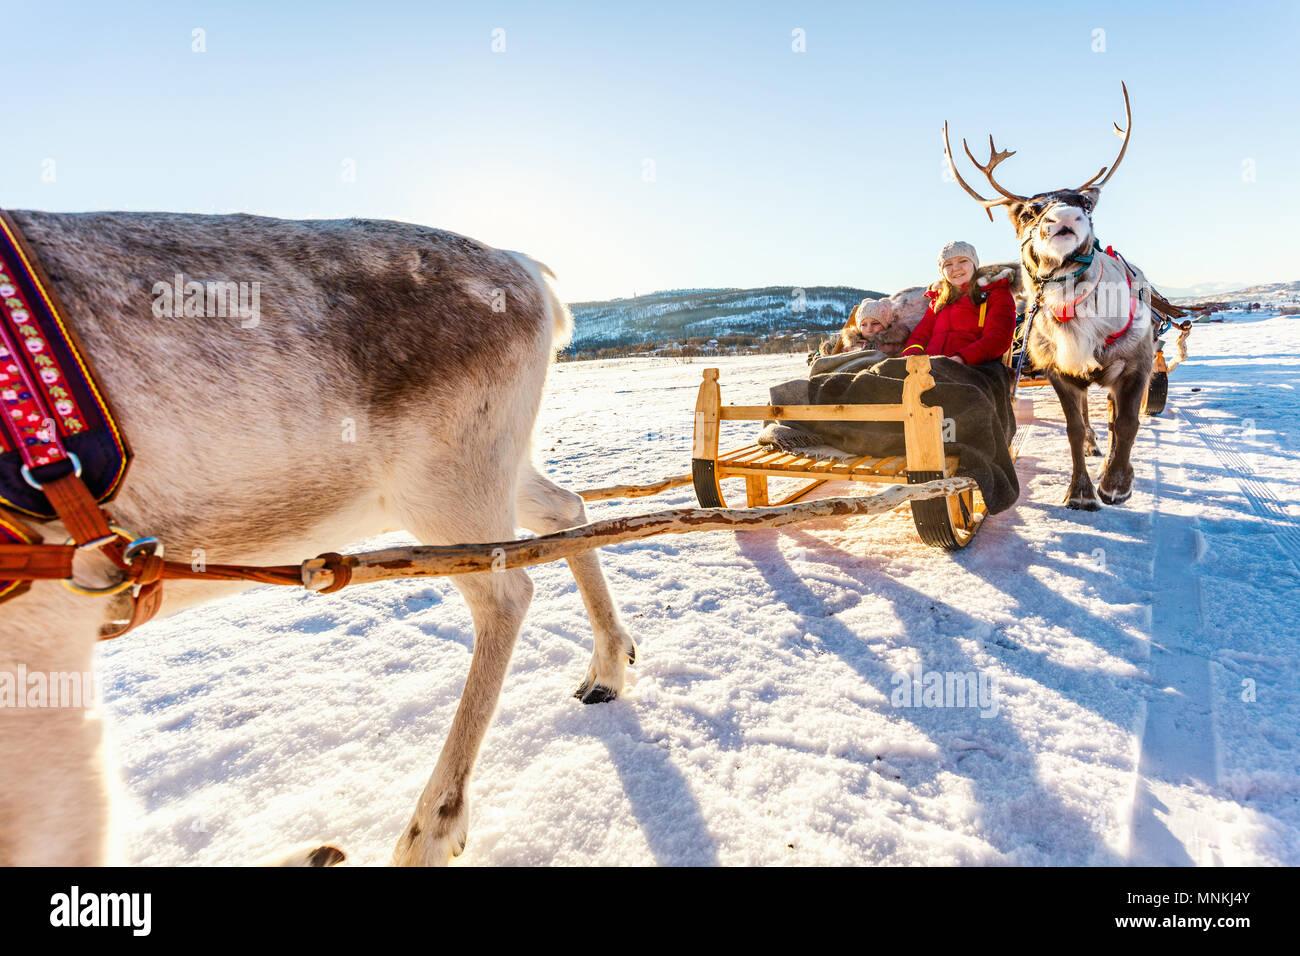 Mère de famille et sa fille à reindeer safari sur journée d'hiver ensoleillée dans le Nord de la Norvège Photo Stock